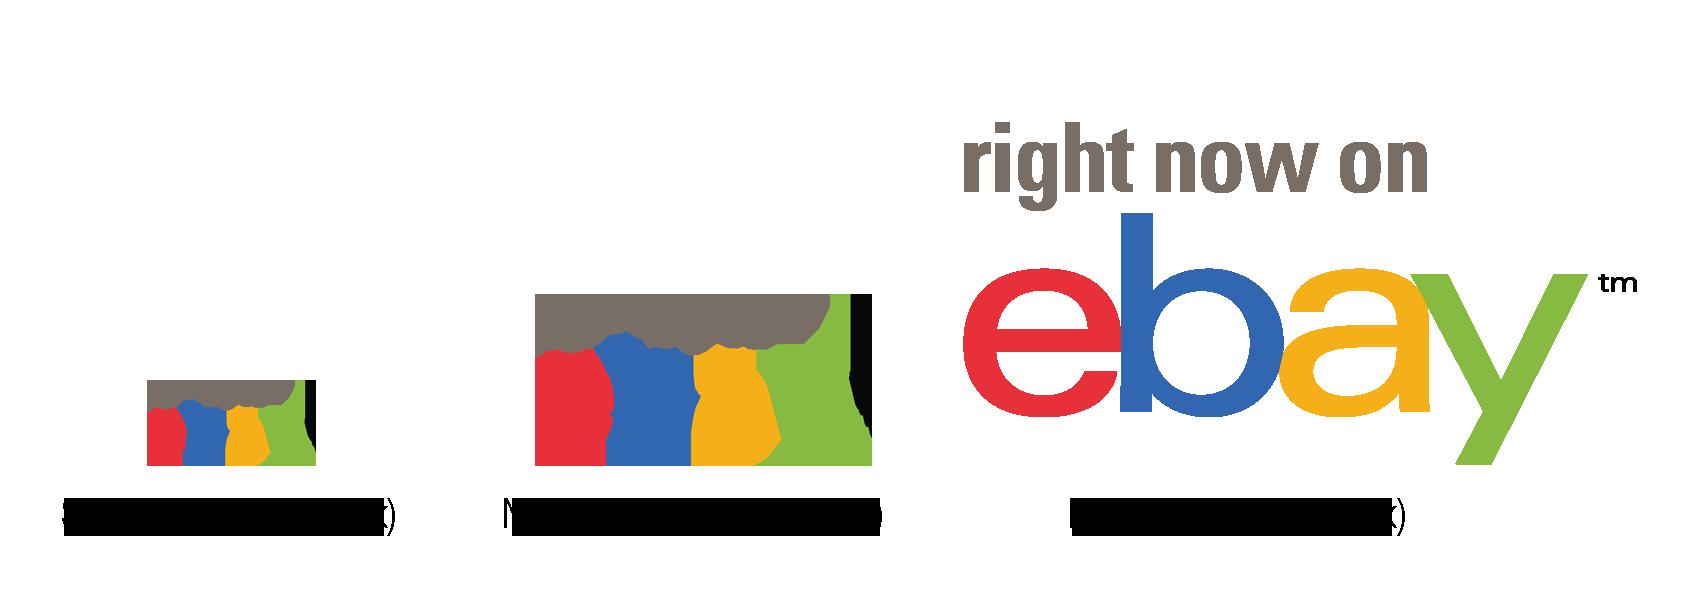 eBay logos and policies.